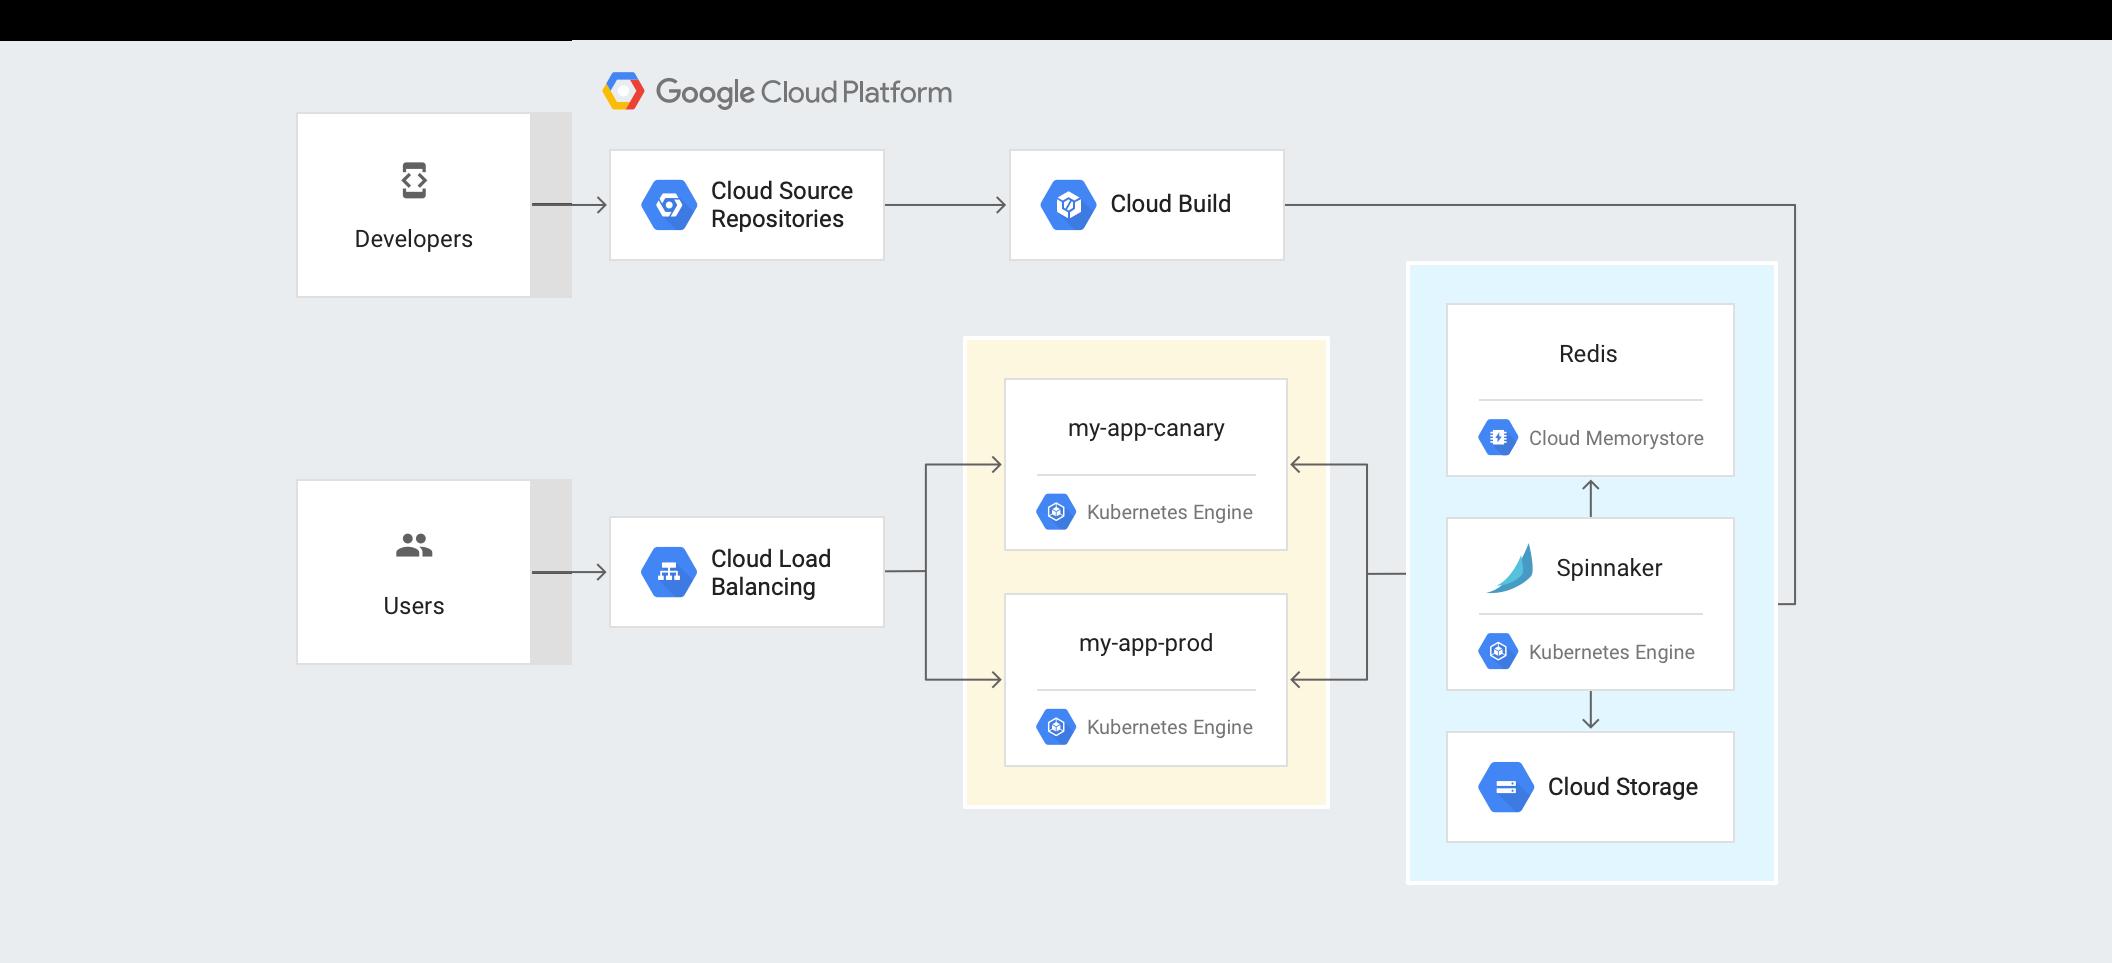 Arquitetura de pipeline para desenvolvedores e usuários.